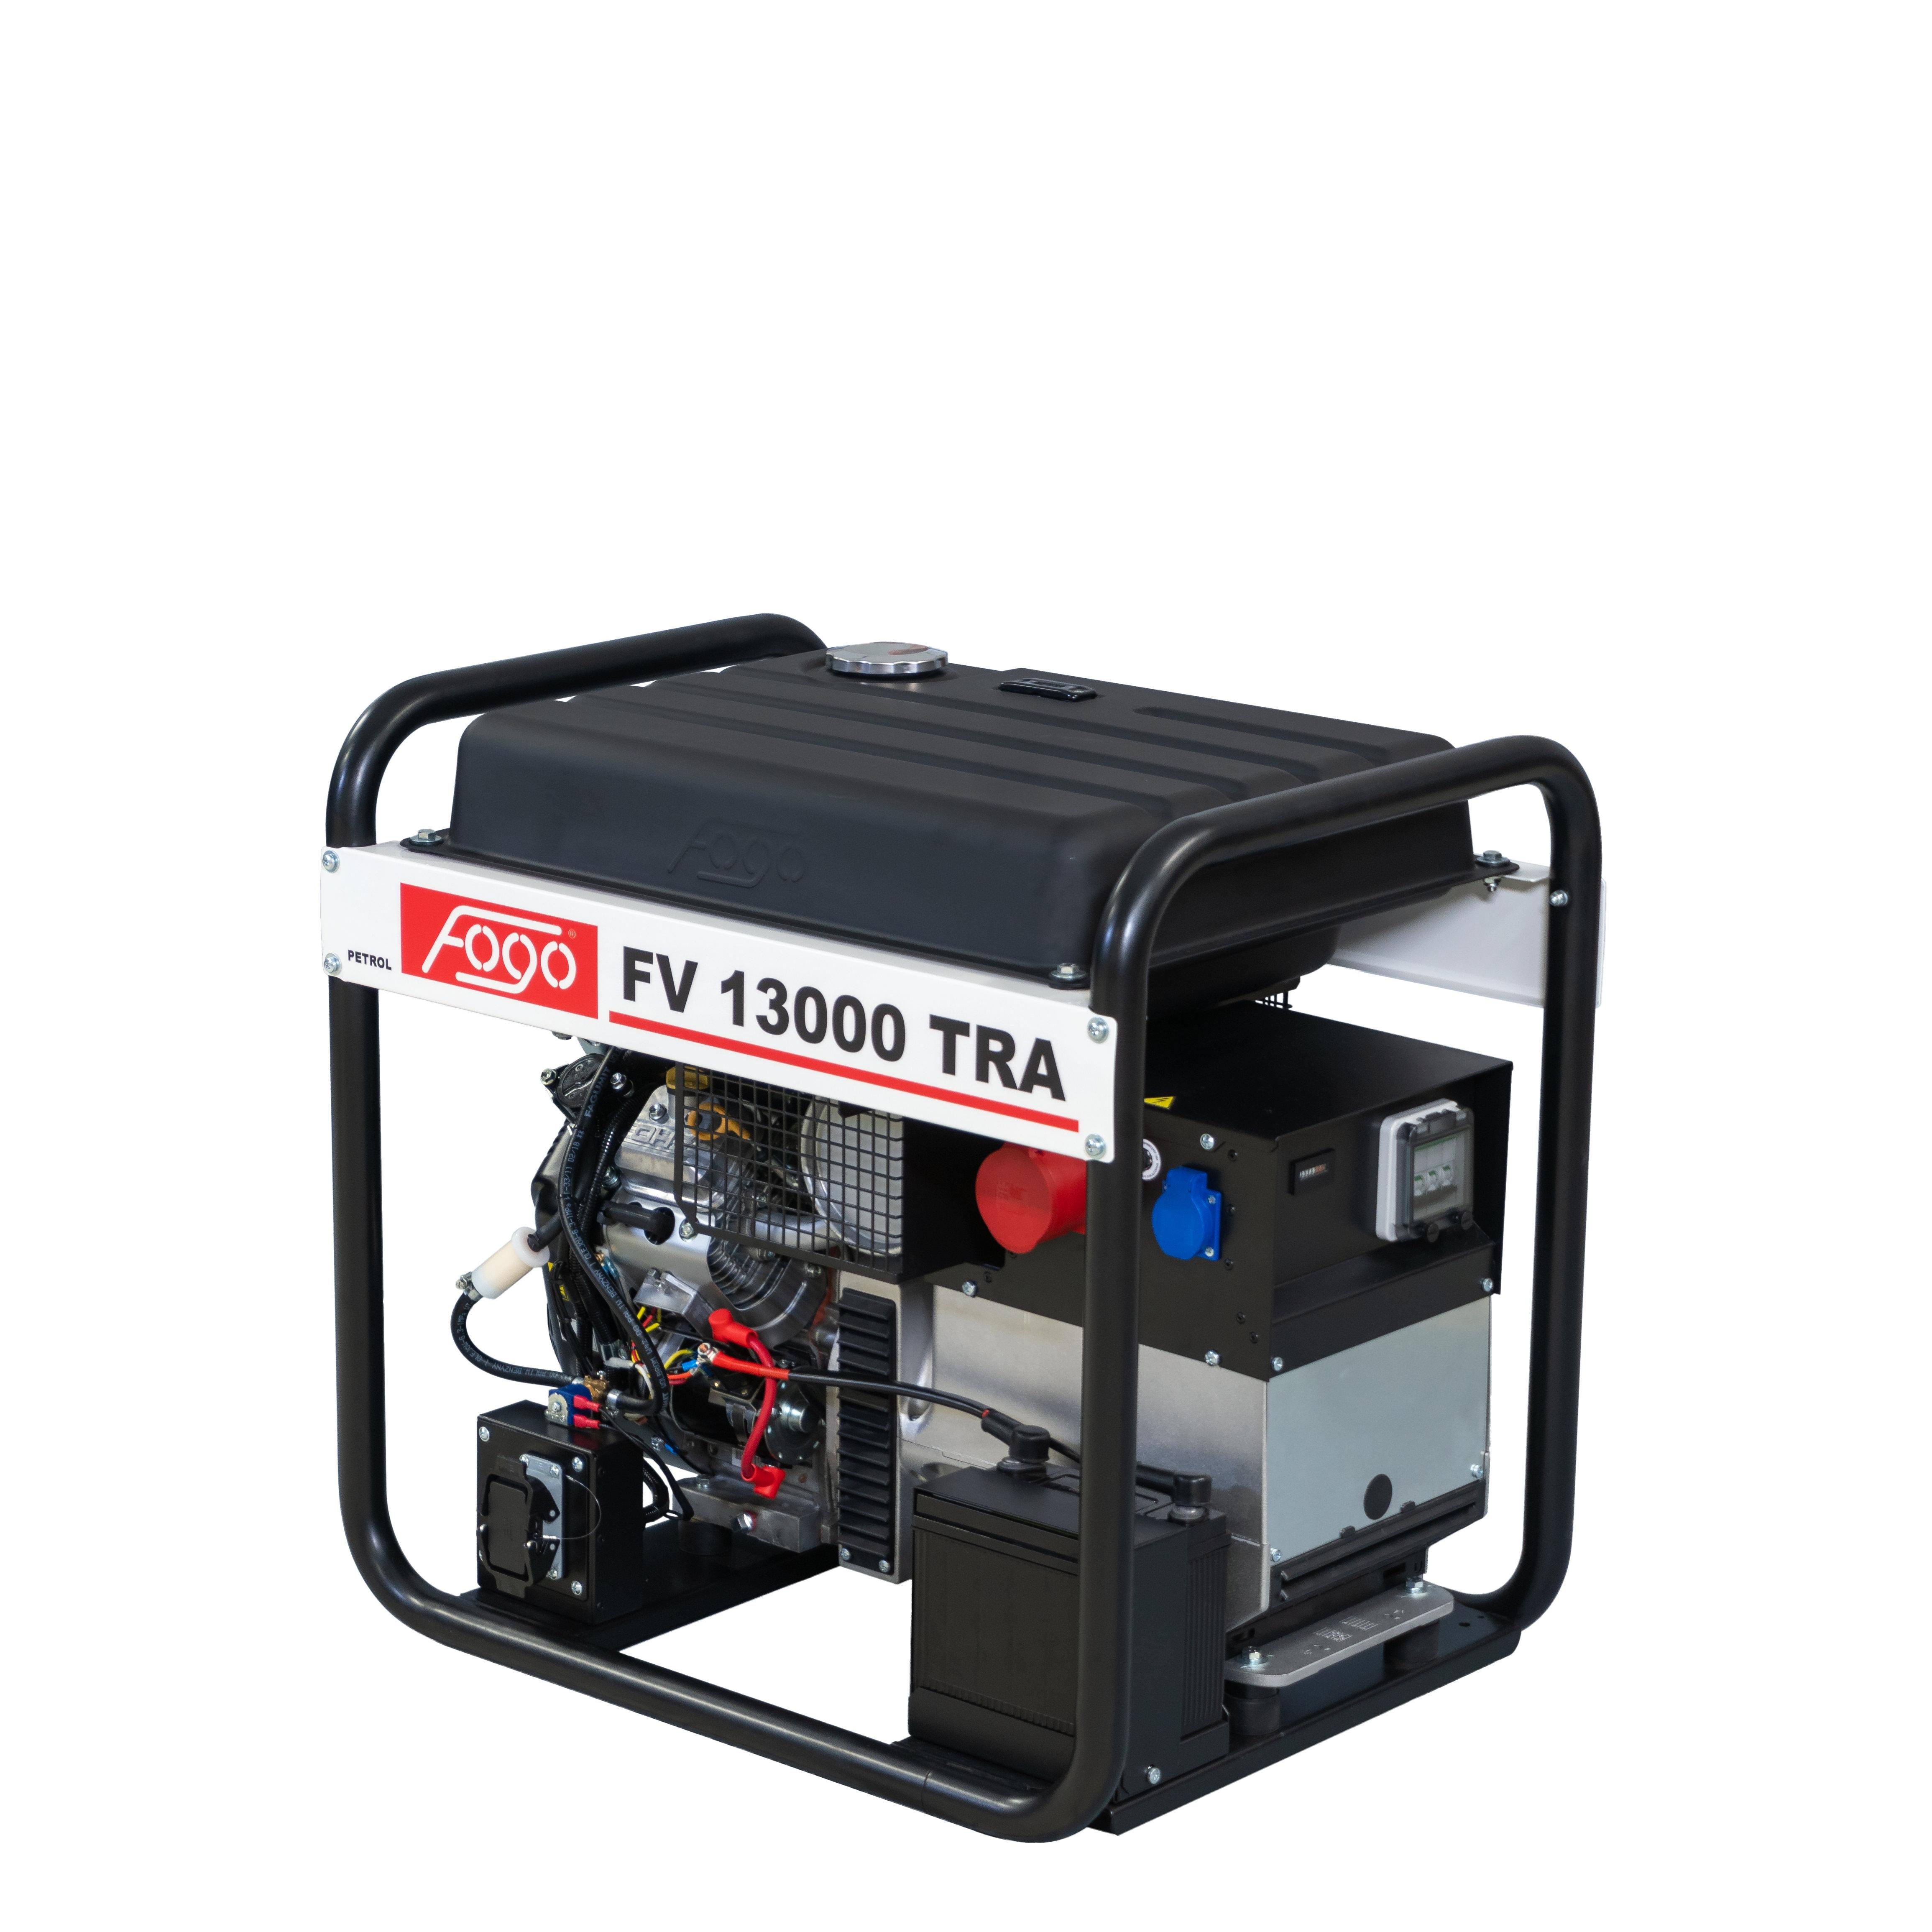 FOGO B&S VANGUARD 12,5 kVA Stromaggregat AVR 400 V FV 13000TRA